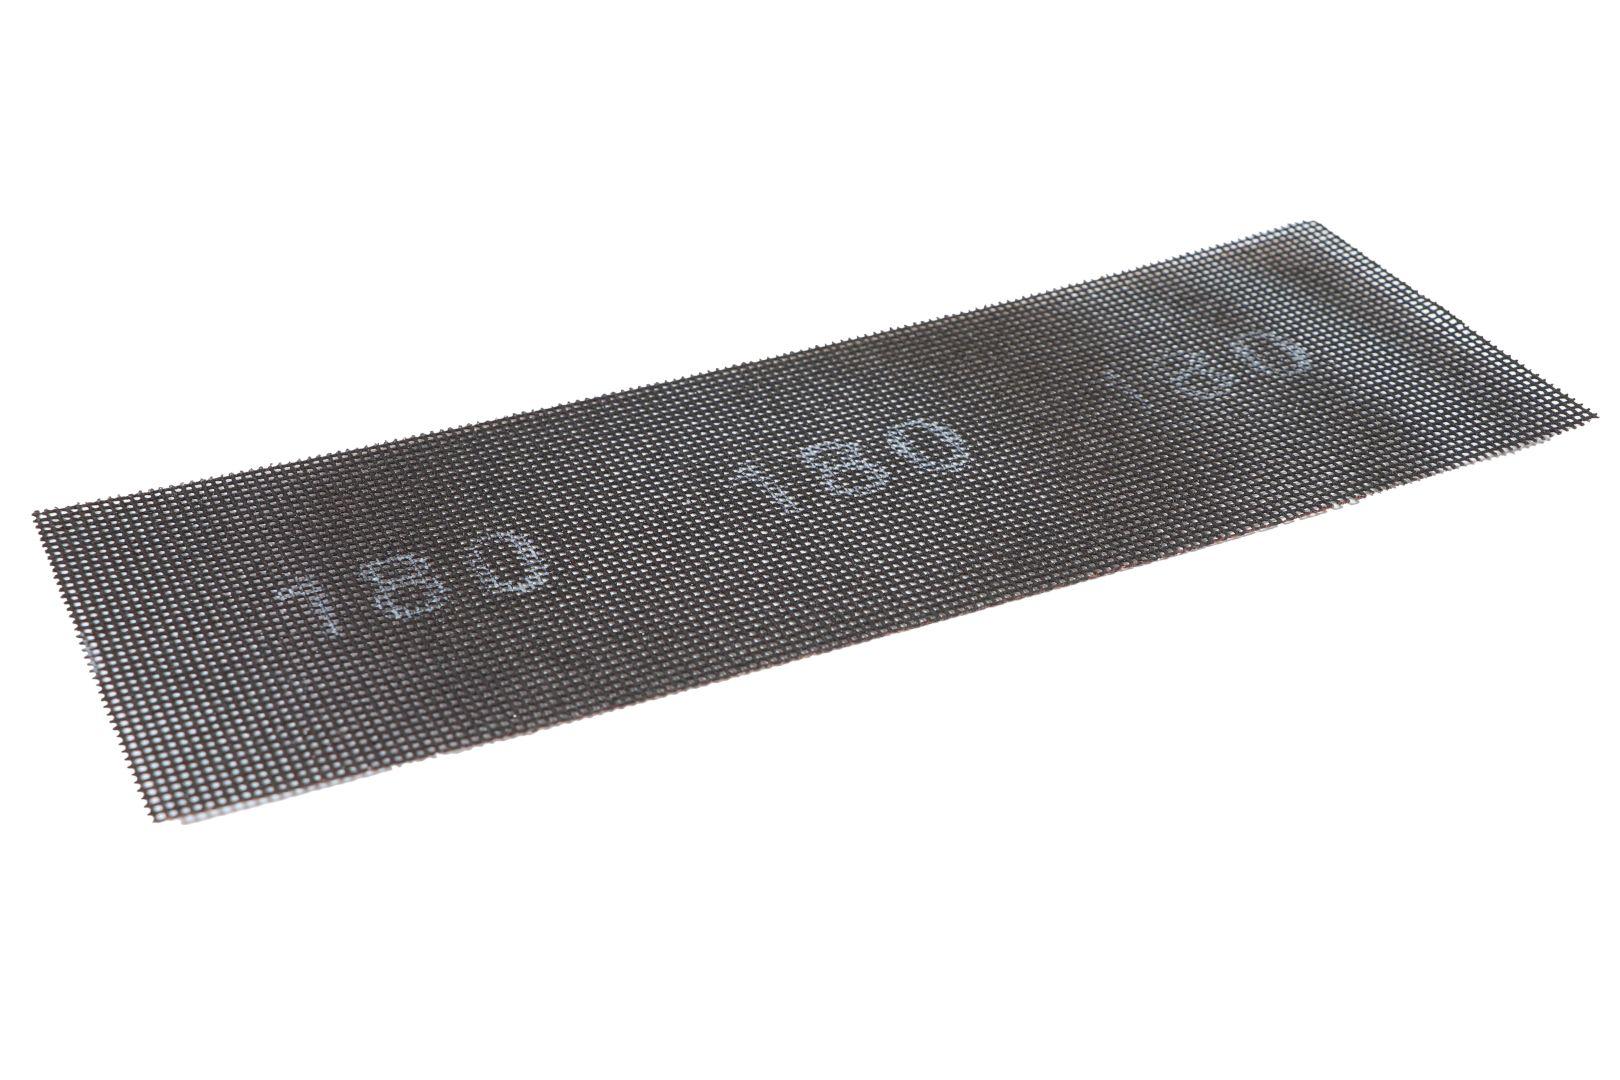 TRIUSO Schleifgitter für Gipskartonplatten, 95 x 280 mm, 10 Stück im Pack, K180